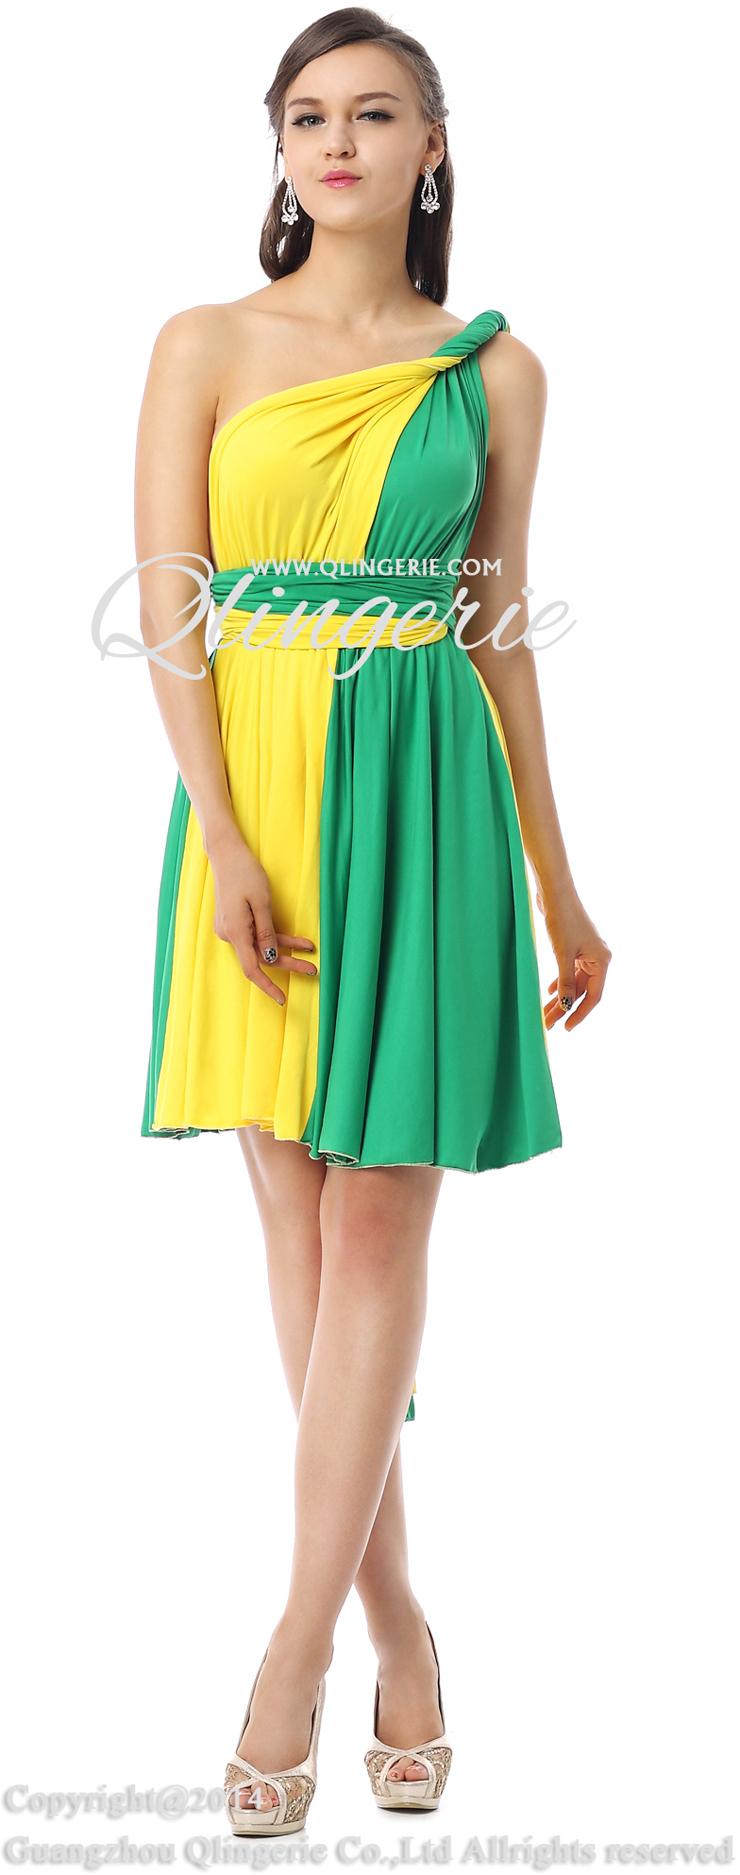 Wholesale Cheap Party Dresses, Juniors & Women Party Dresses Oline ...